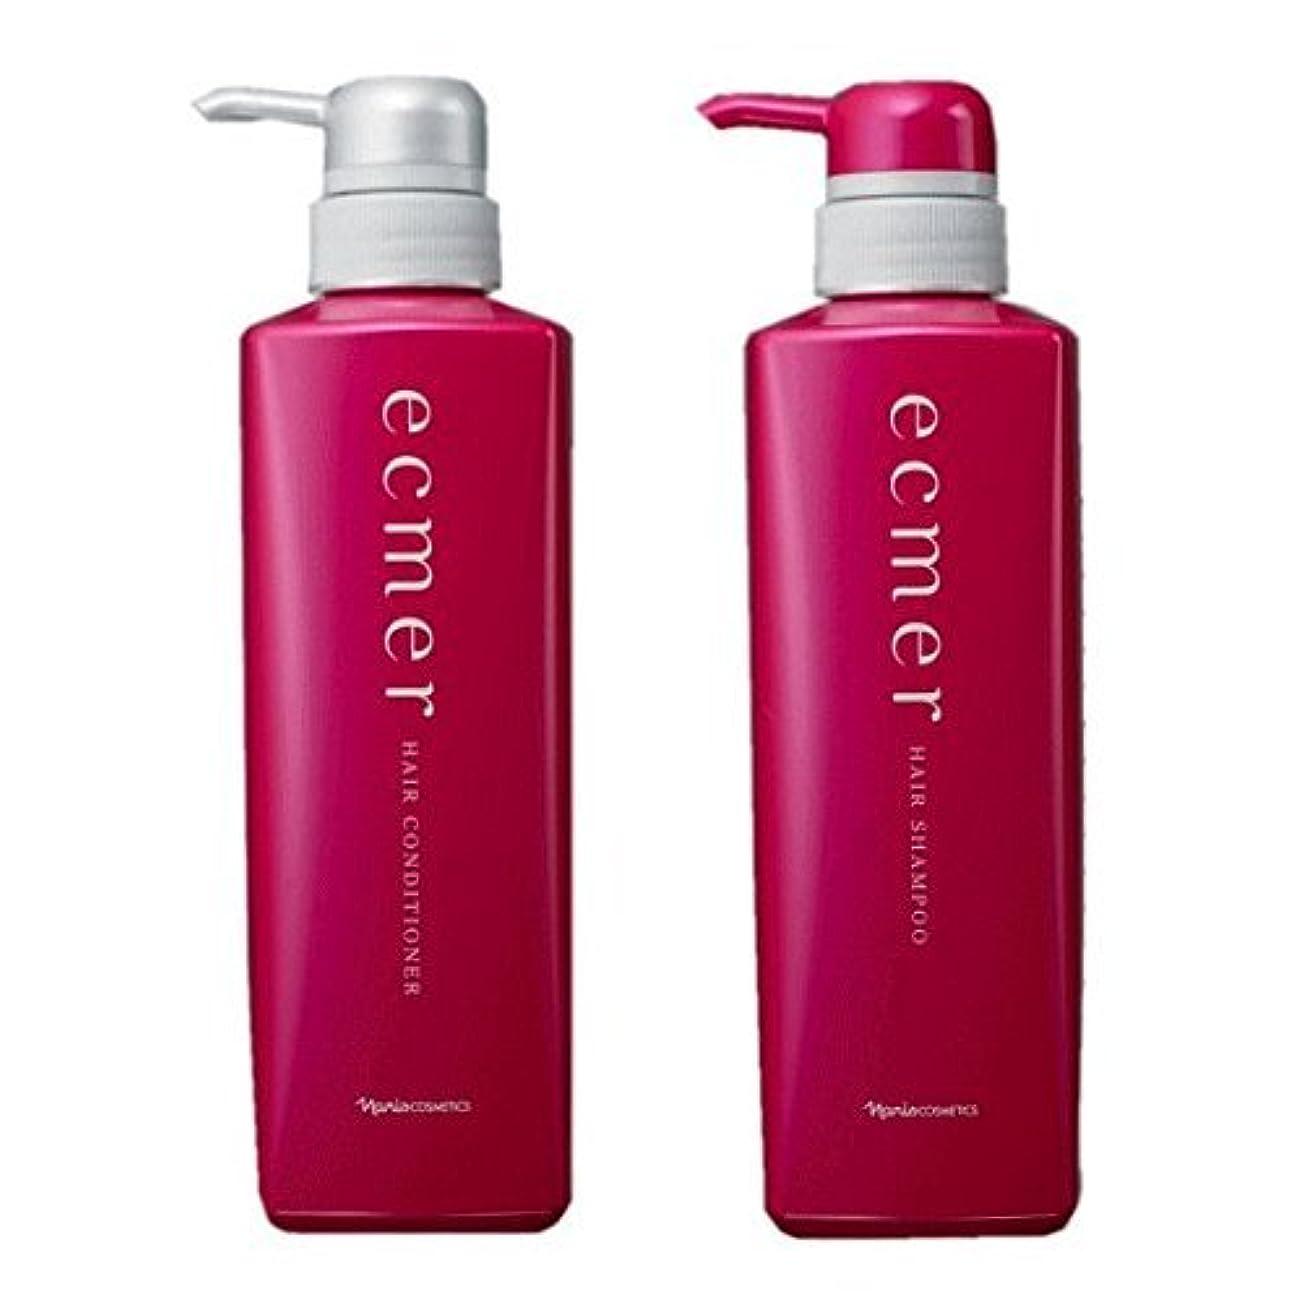 かび臭いロードハウス不規則性ecmer/エクメール シャンプー&コンディショナー ナリス化粧品